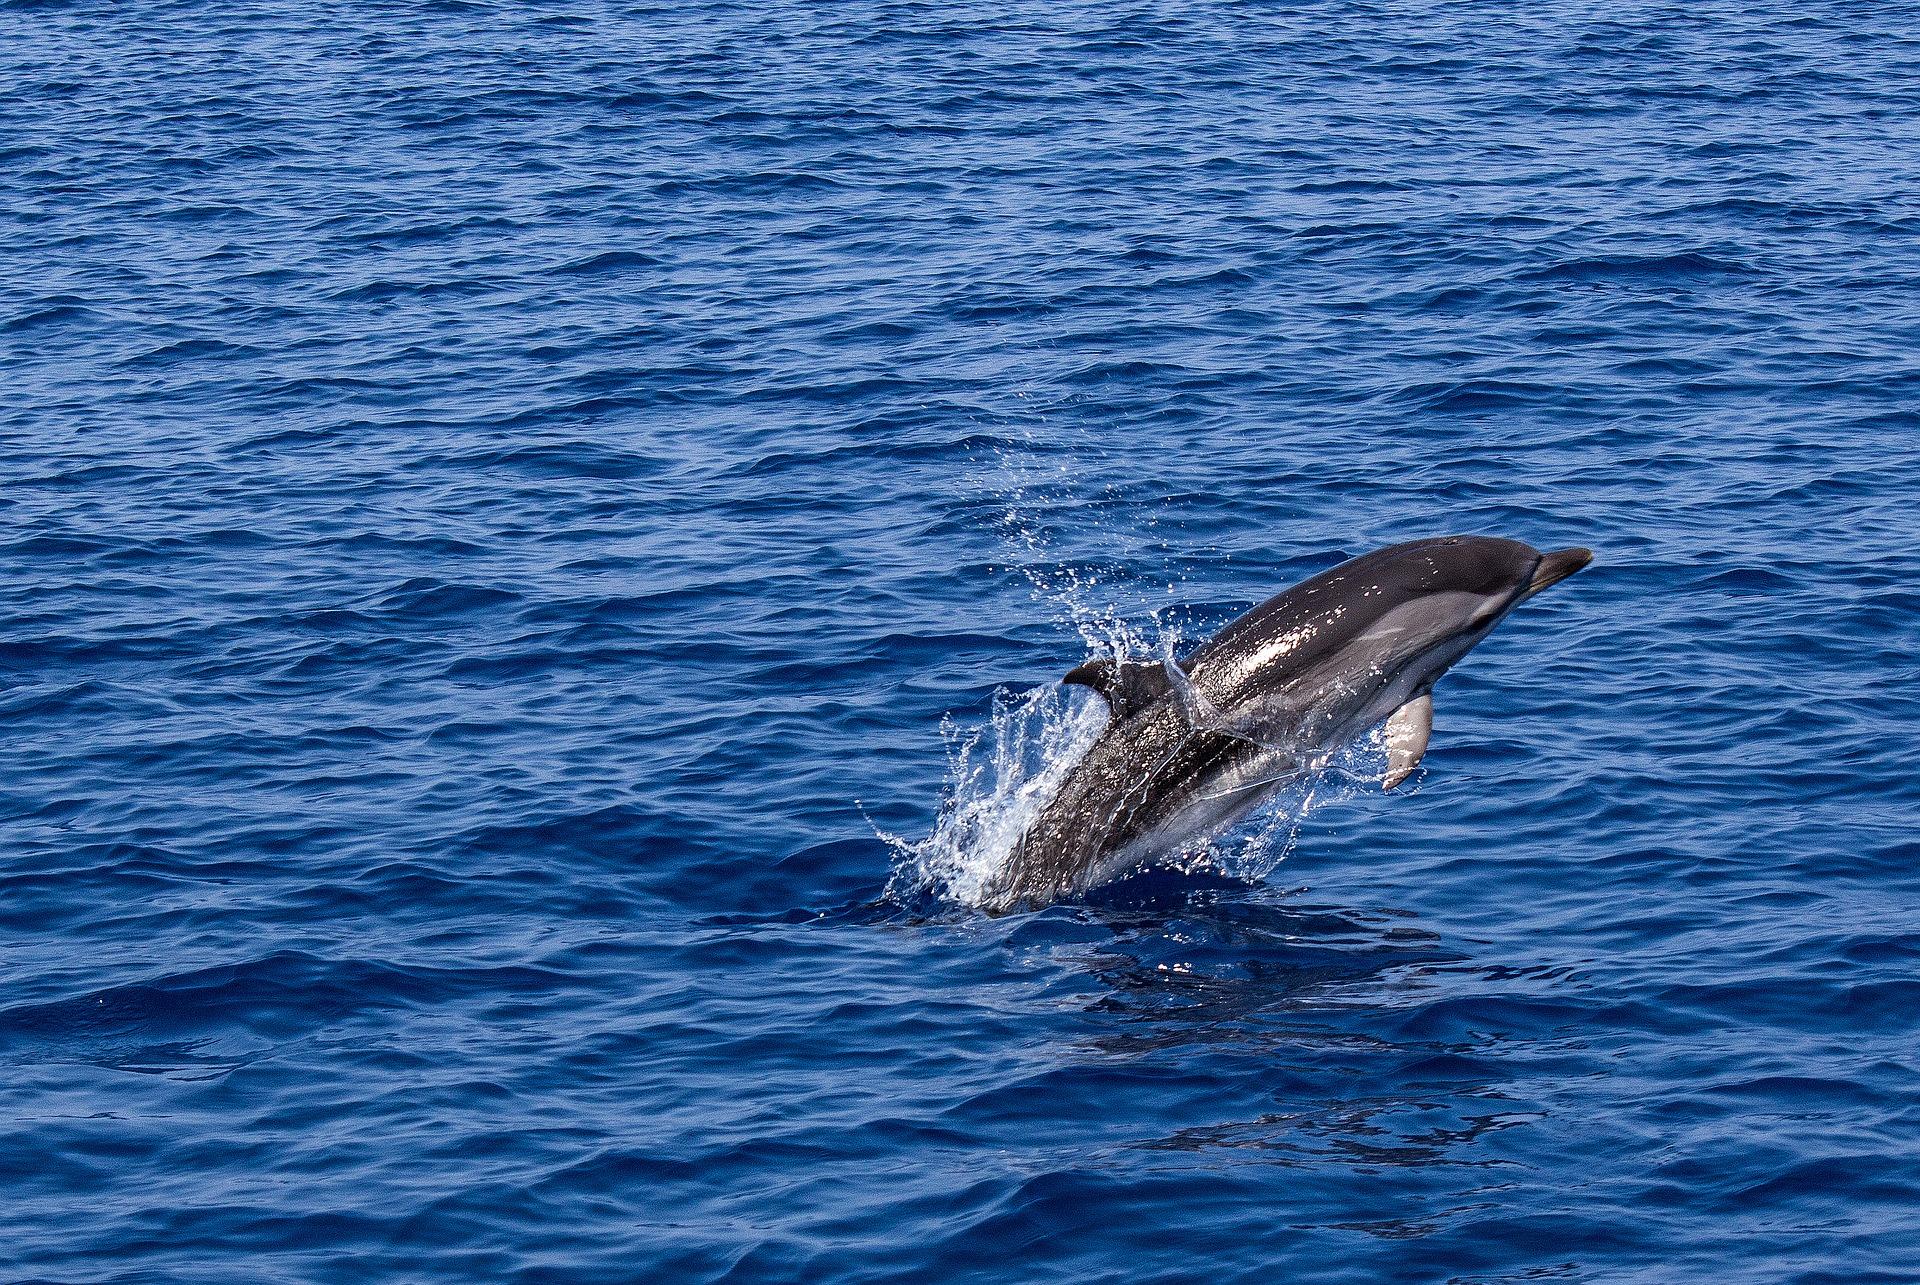 Un delfín nada en alta mar